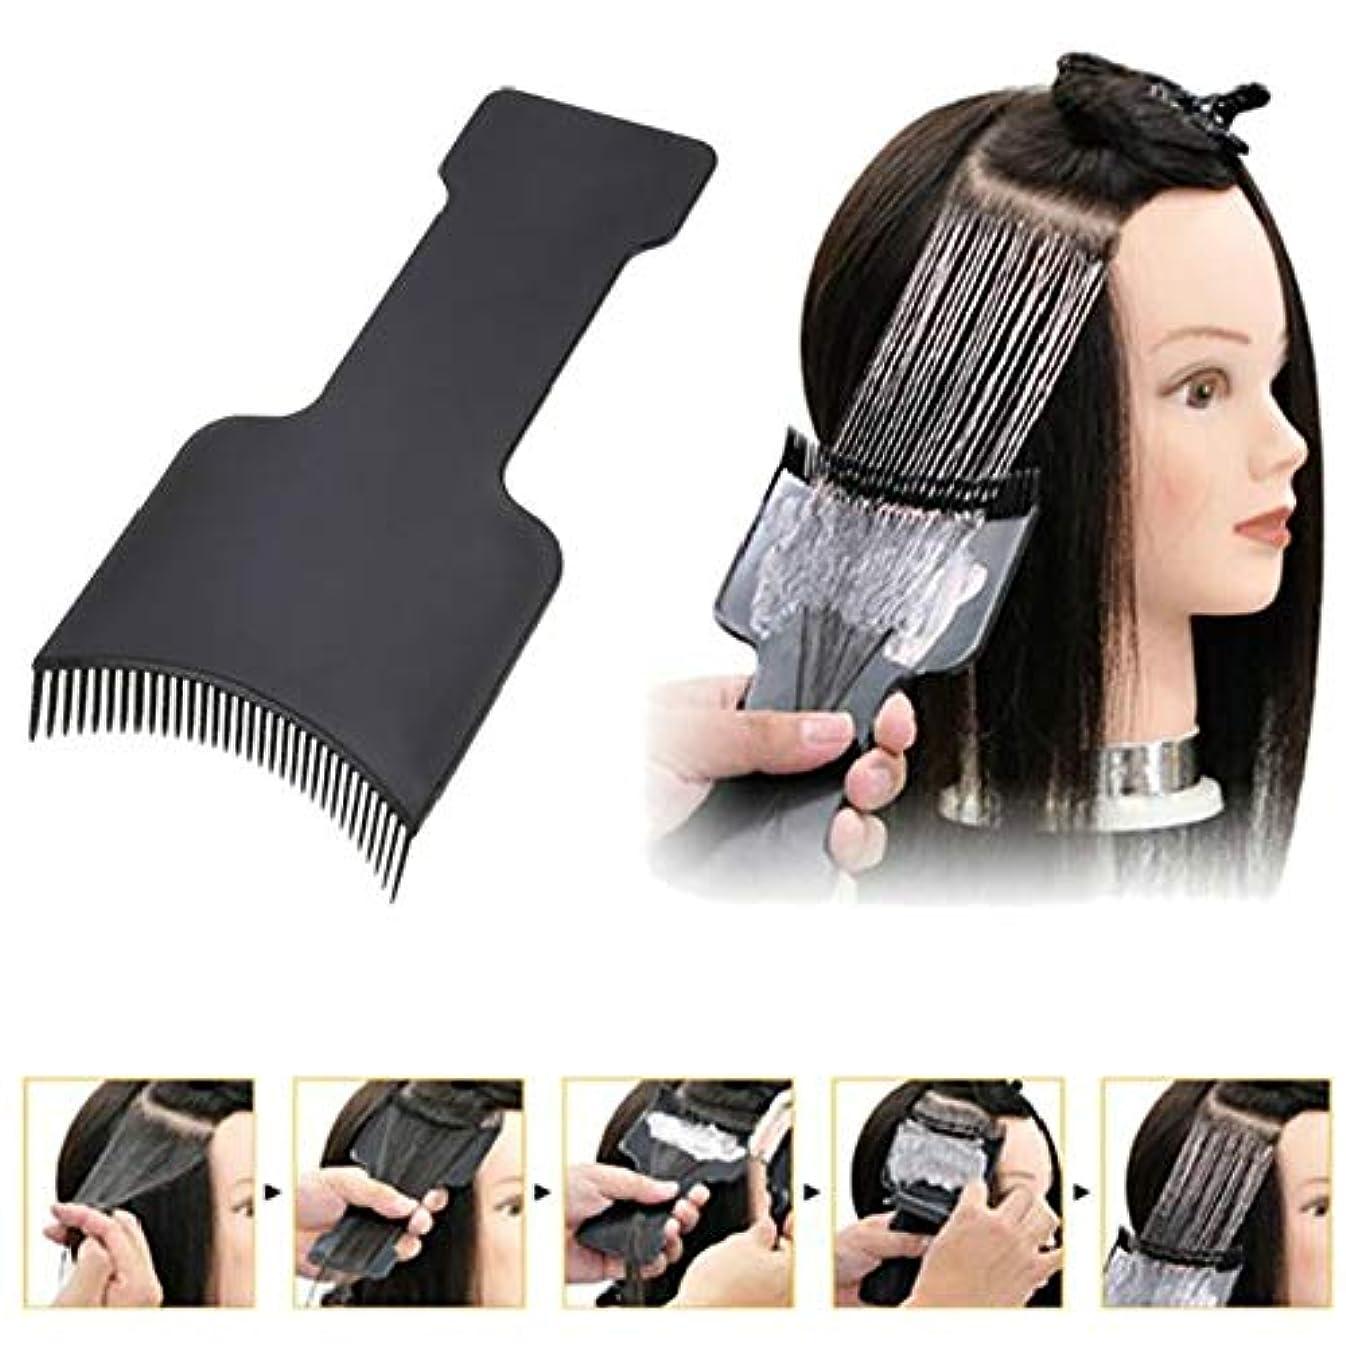 性交民兵進むプロのファッション理髪ヘアアプリケータブラシ調剤サロンヘアカラーリング染色ピックカラーボードヘアスタイリングツール (M,ブラック)